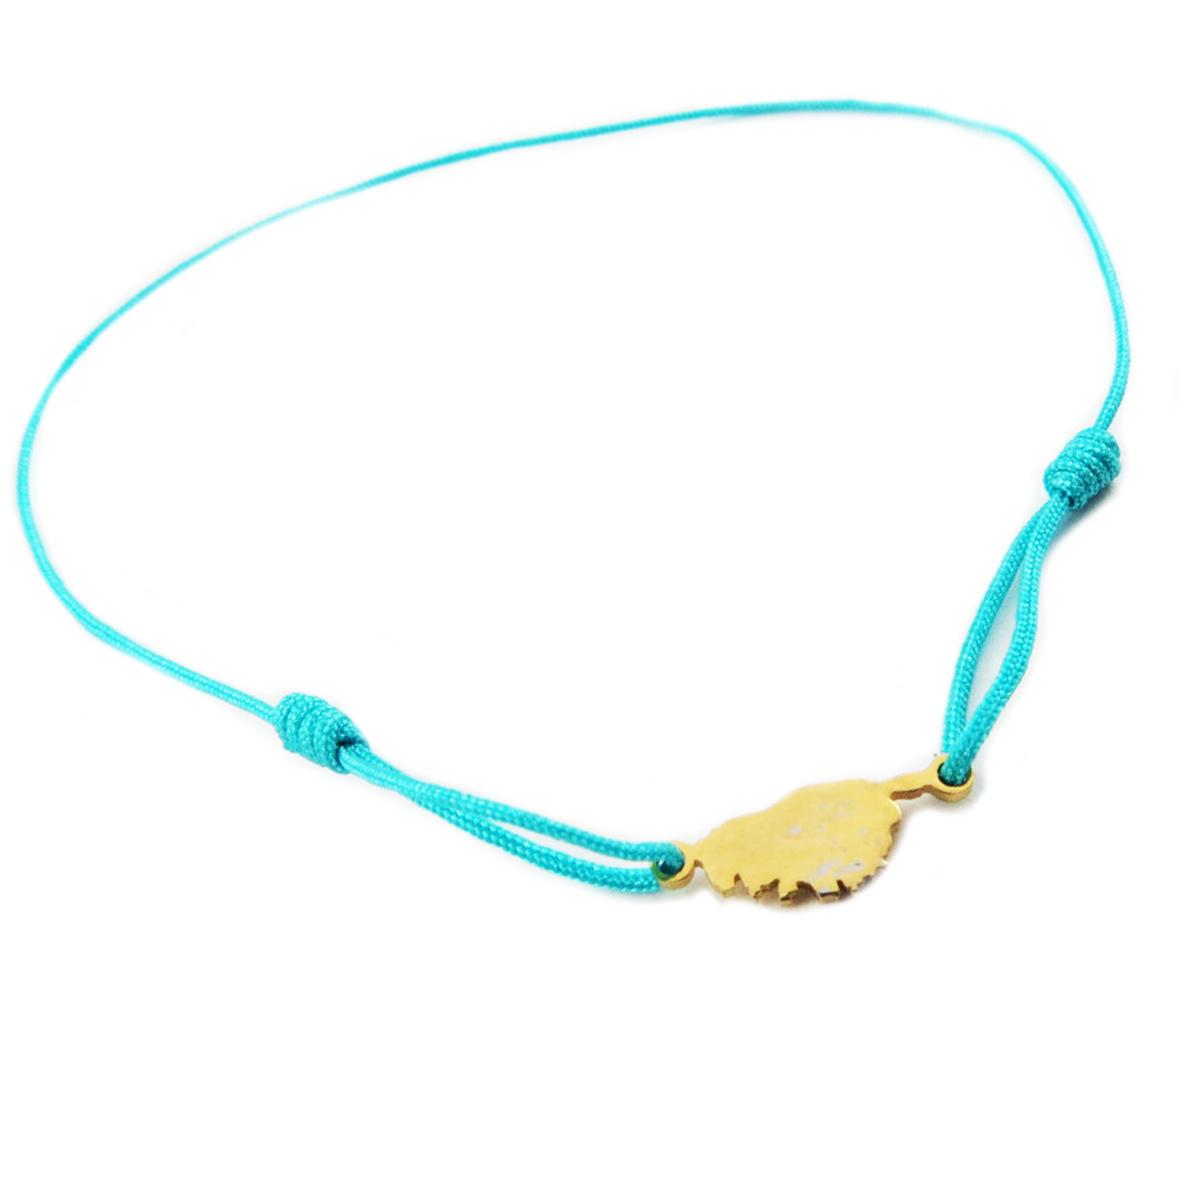 Bracelet acier \'Corsica\' turquoise doré (corse) - 10x7 mm - [R0167]